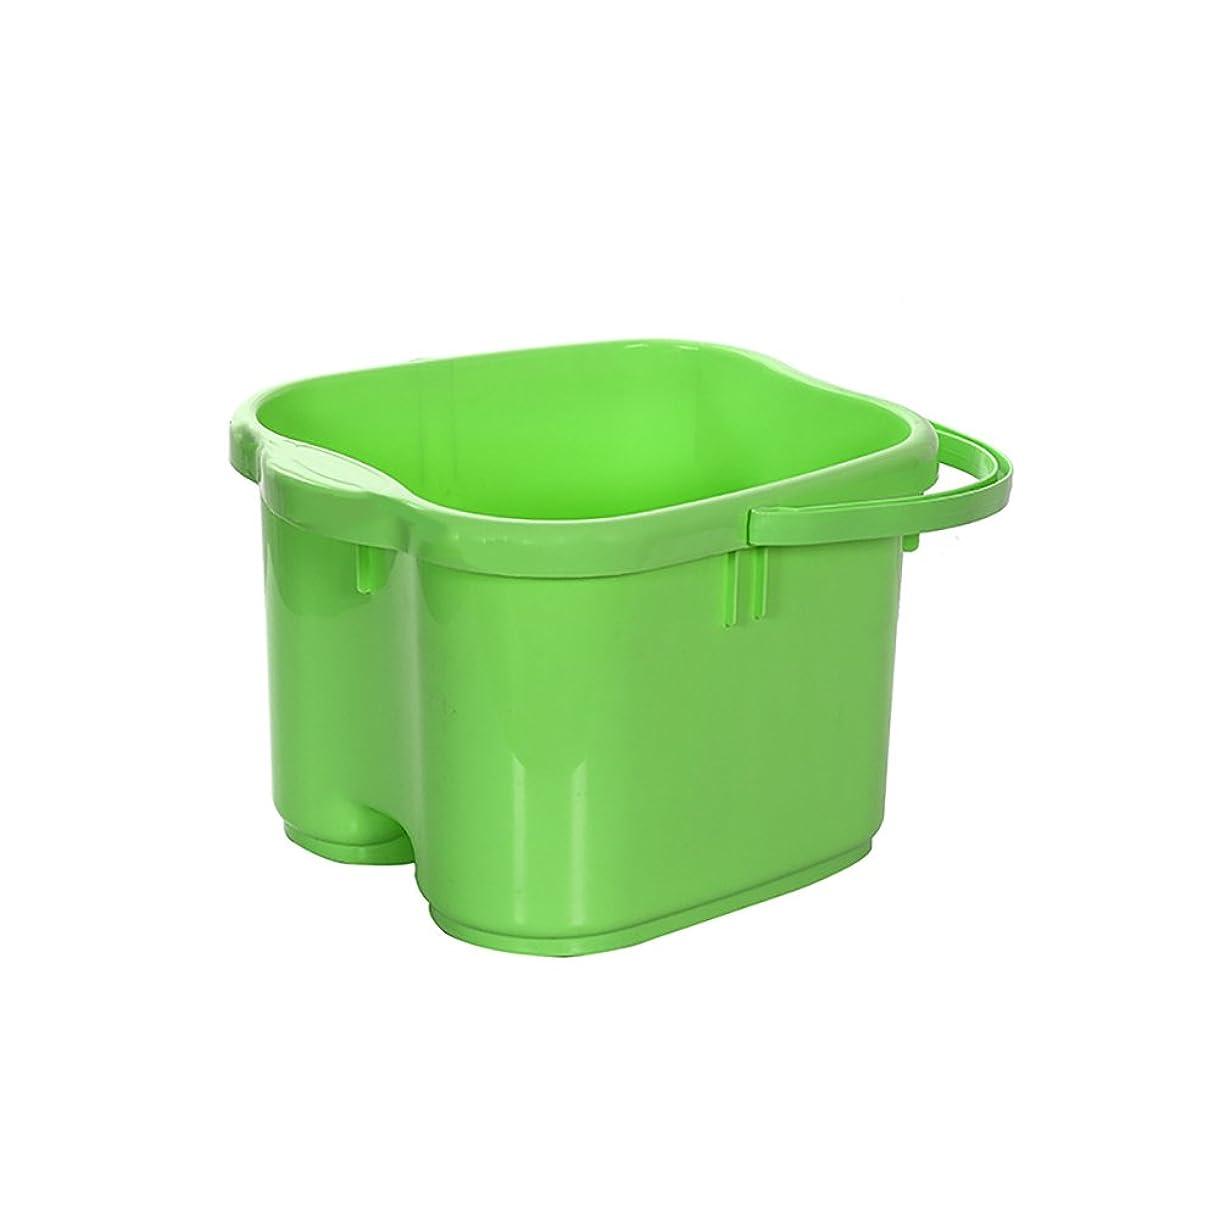 見る人輝く診療所厚いプラスチックポータブル13Lと足湯足バレルを高めるマッサージフットバスバレル足浴槽のホーム断熱材と足浴槽 (Color : Green)